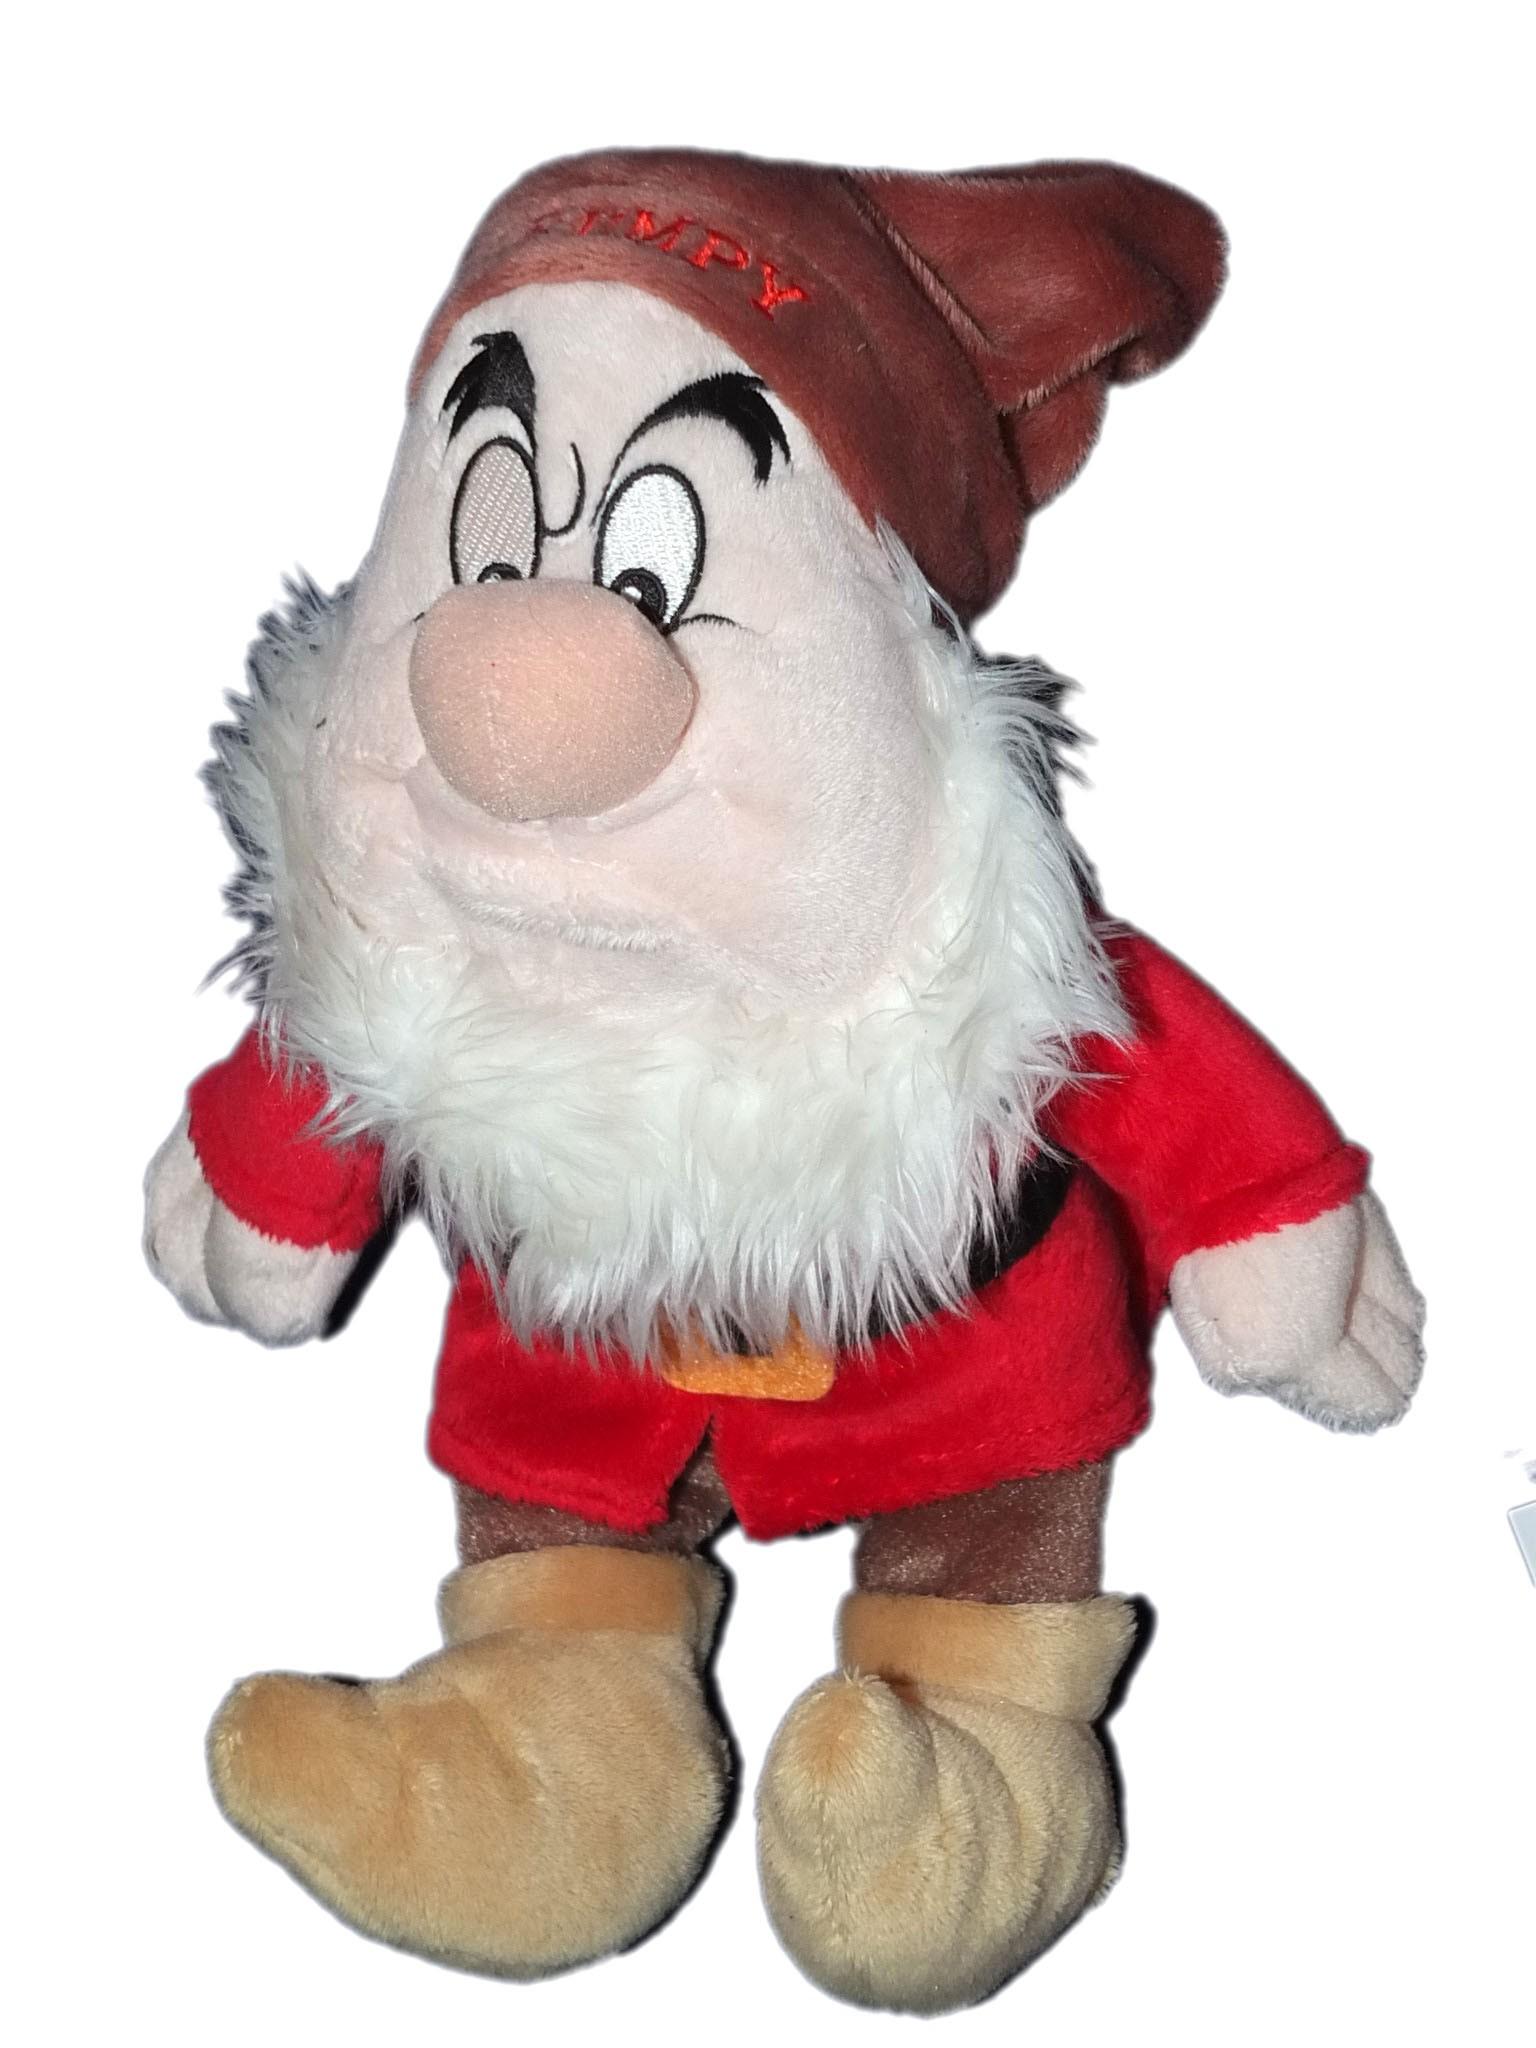 doudou peluche nain grincheux blanche neige et les 7 nains grumpy disney nicotoy 26 cm - Nain Grincheux